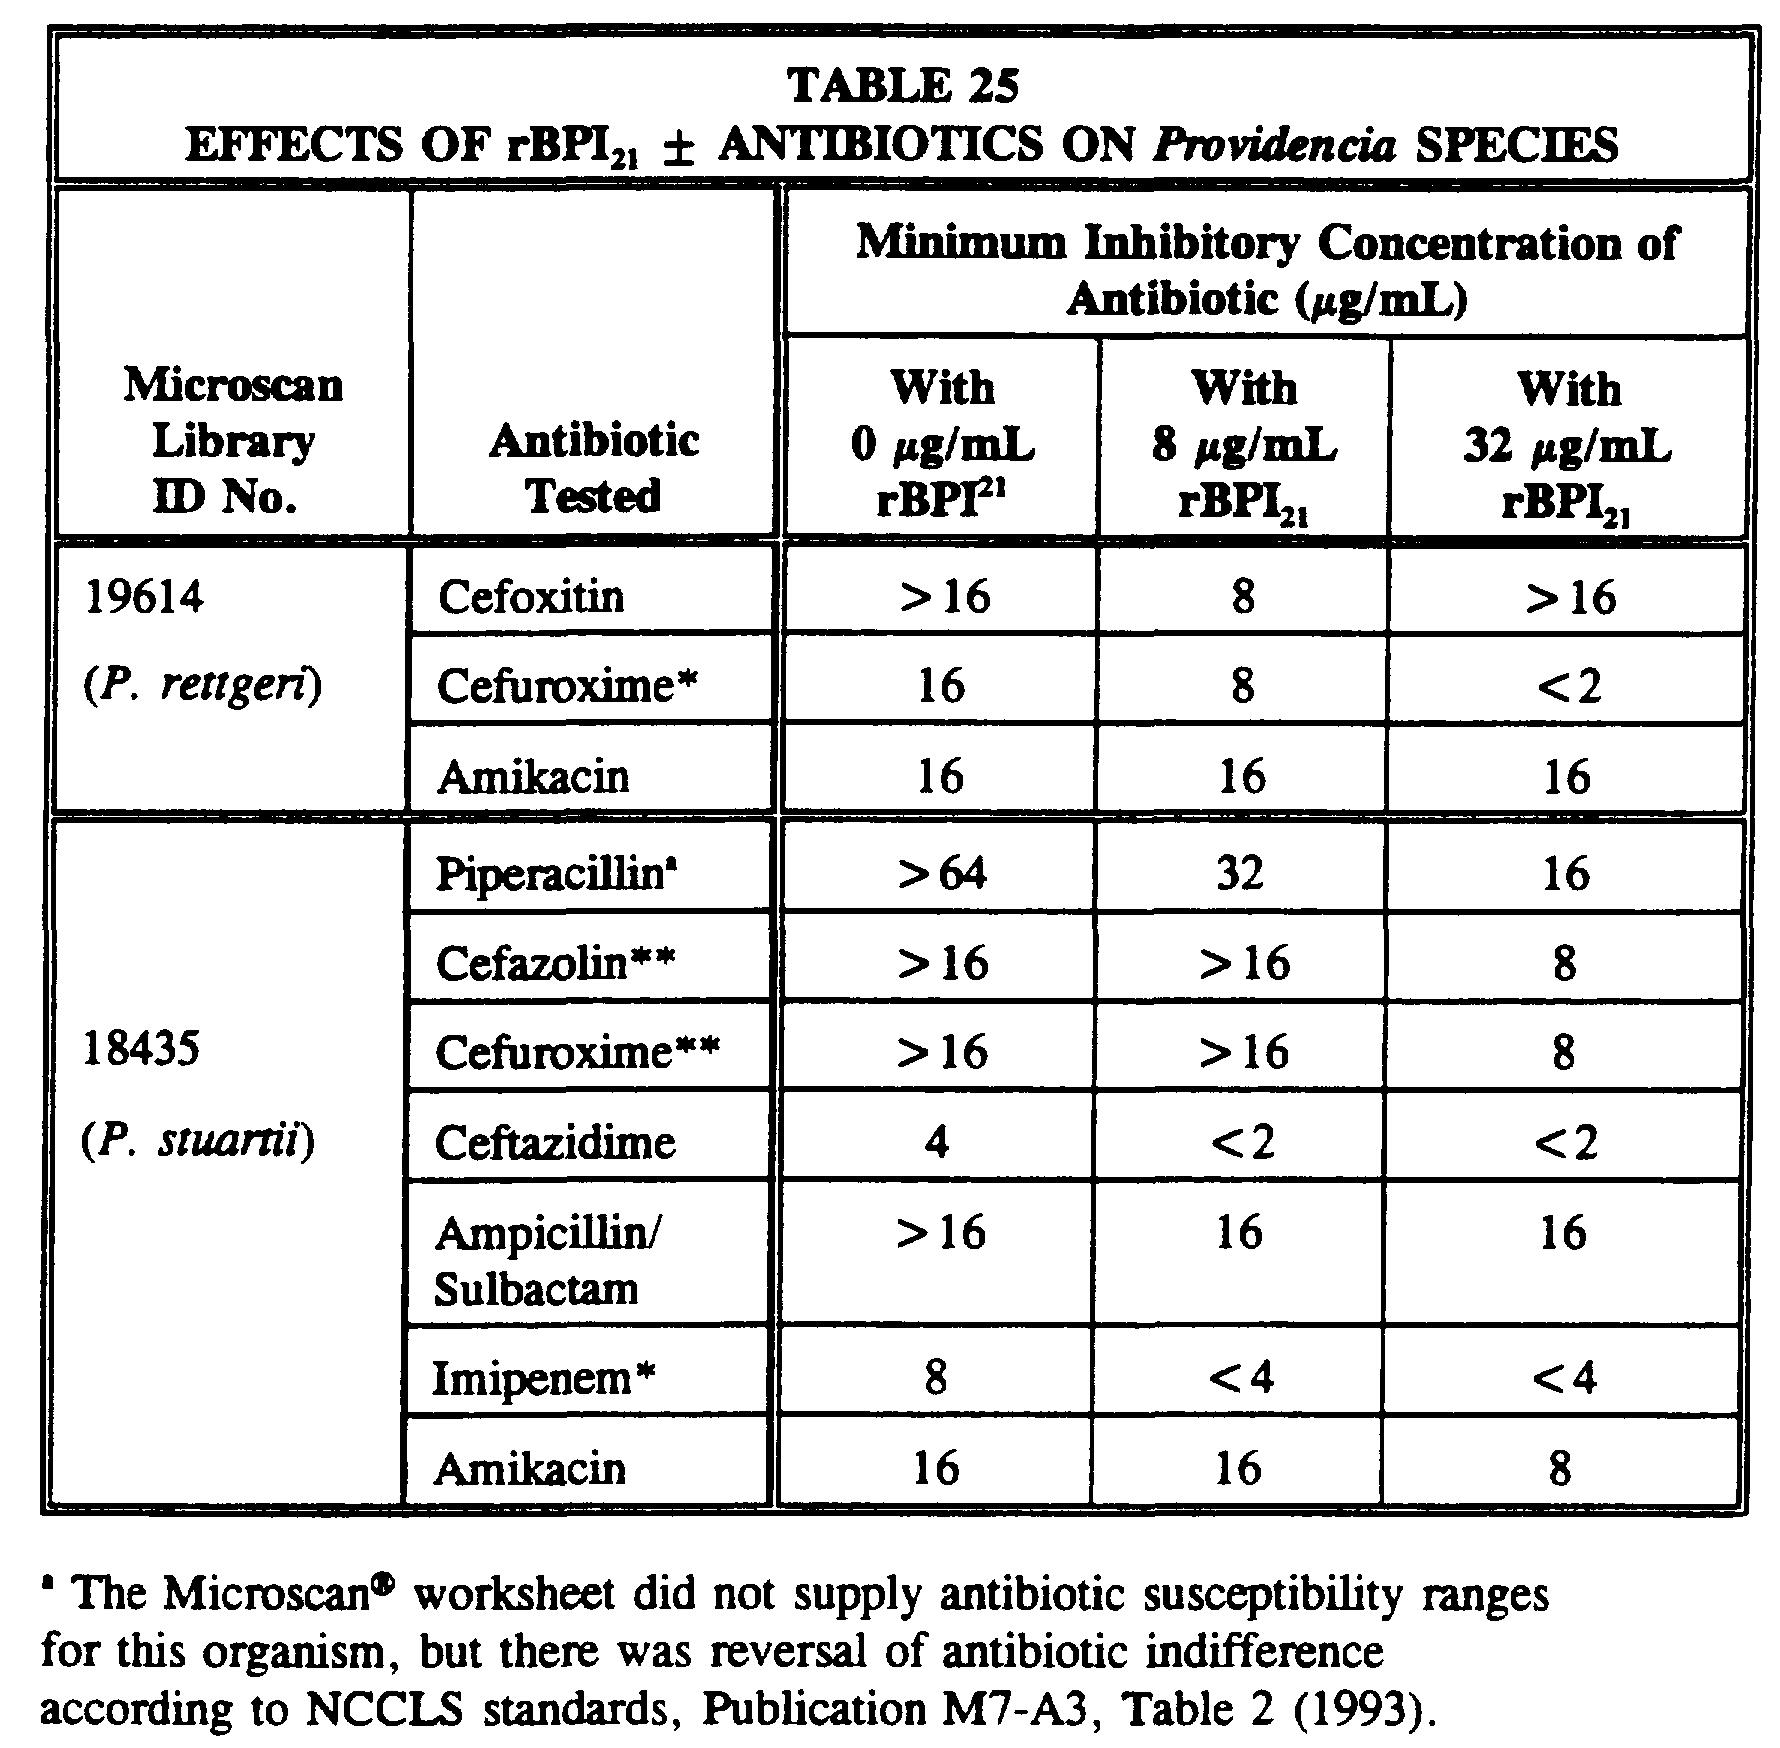 flagyl 500 mg uses